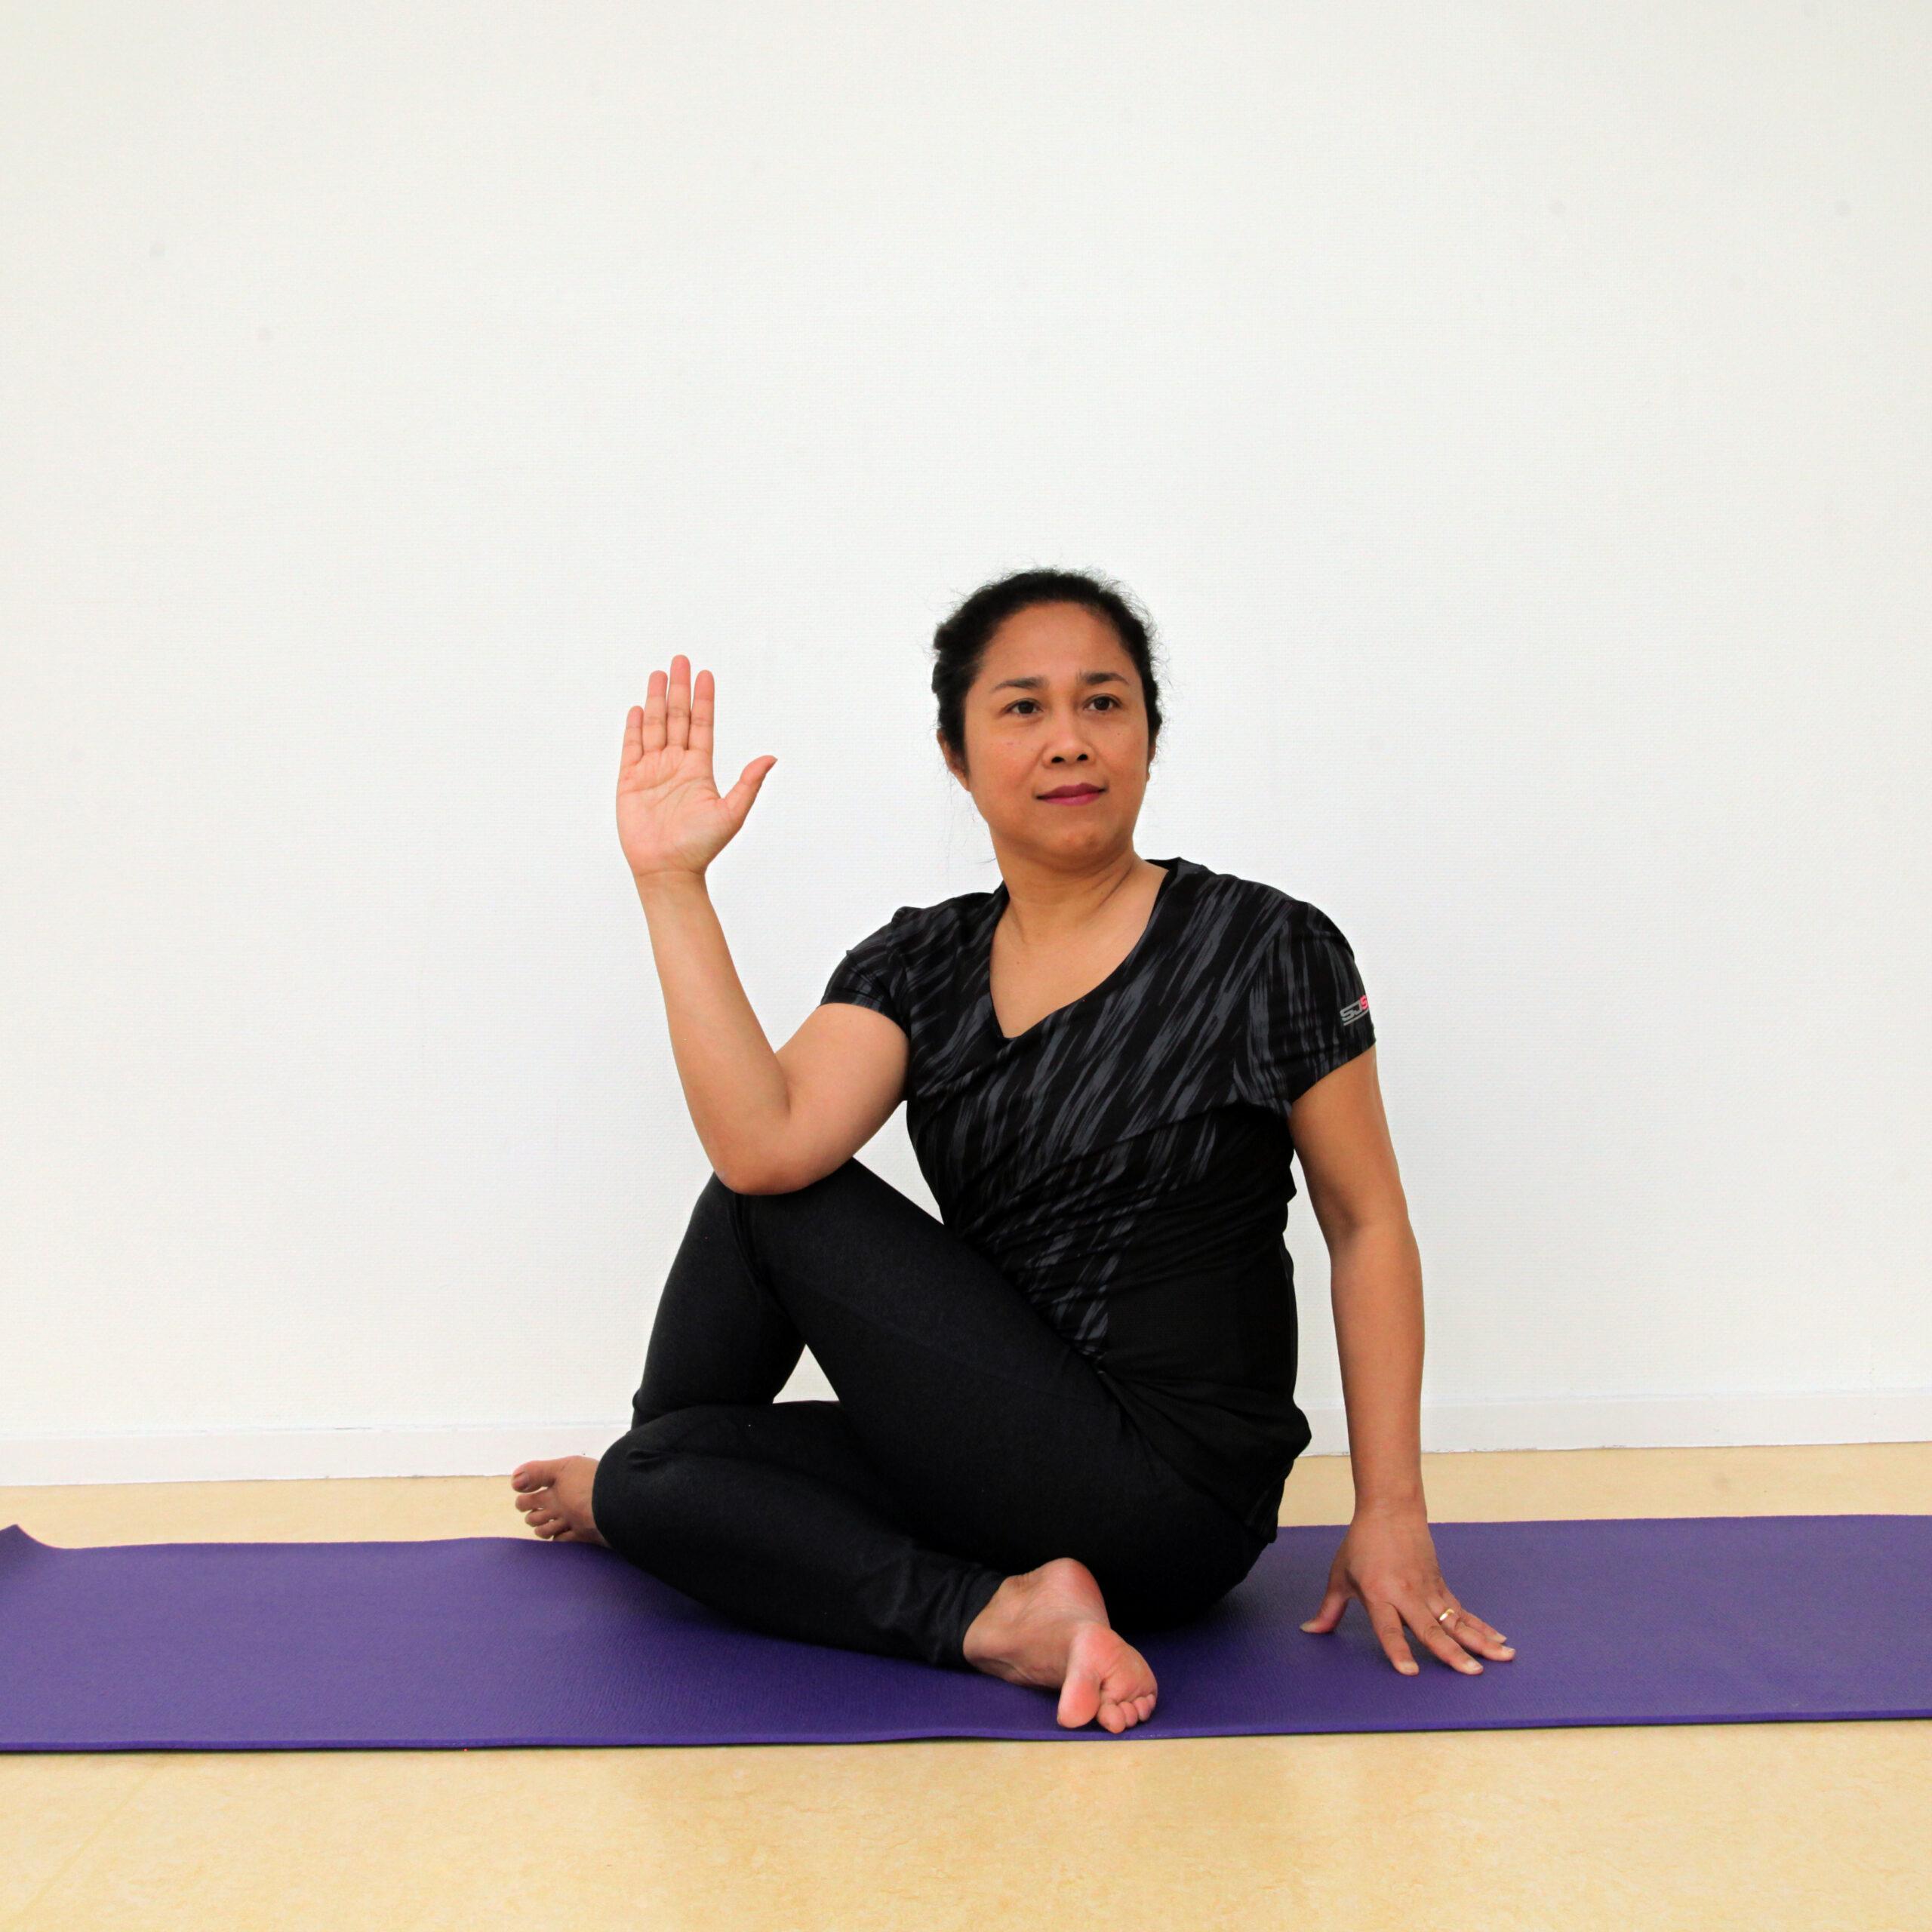 Yoga les bij jou thuis